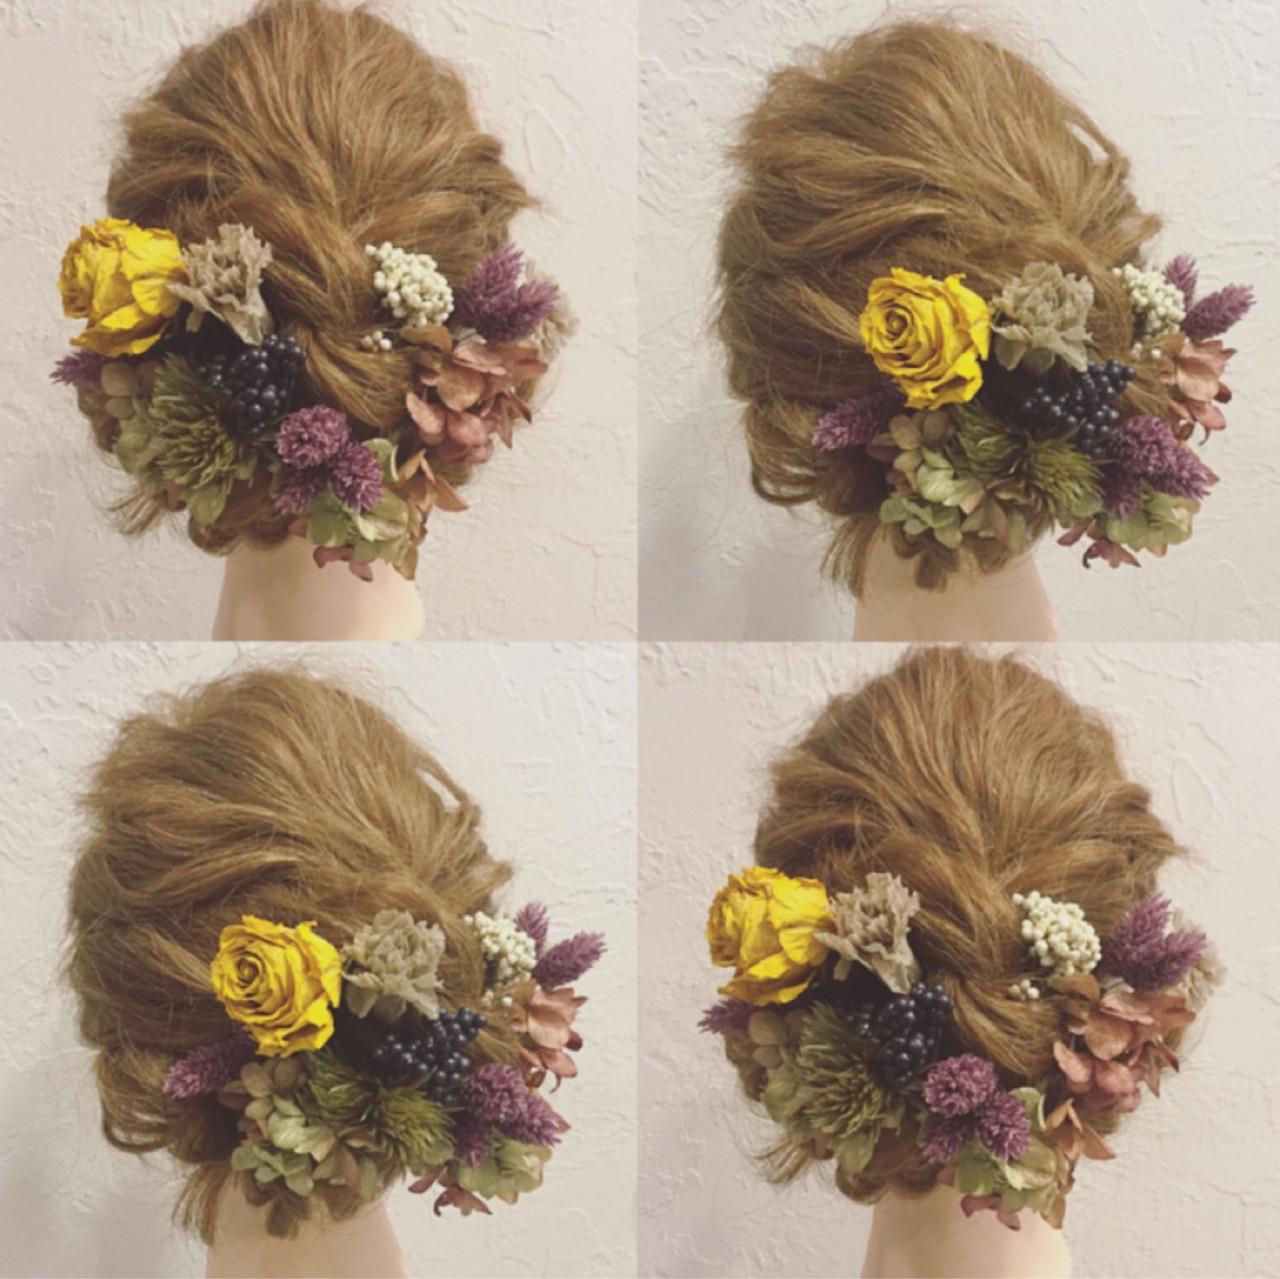 ウエディングドレス向けヘアスタイル♡人生で1番美しい私になれる髪型10選 髙橋 舞